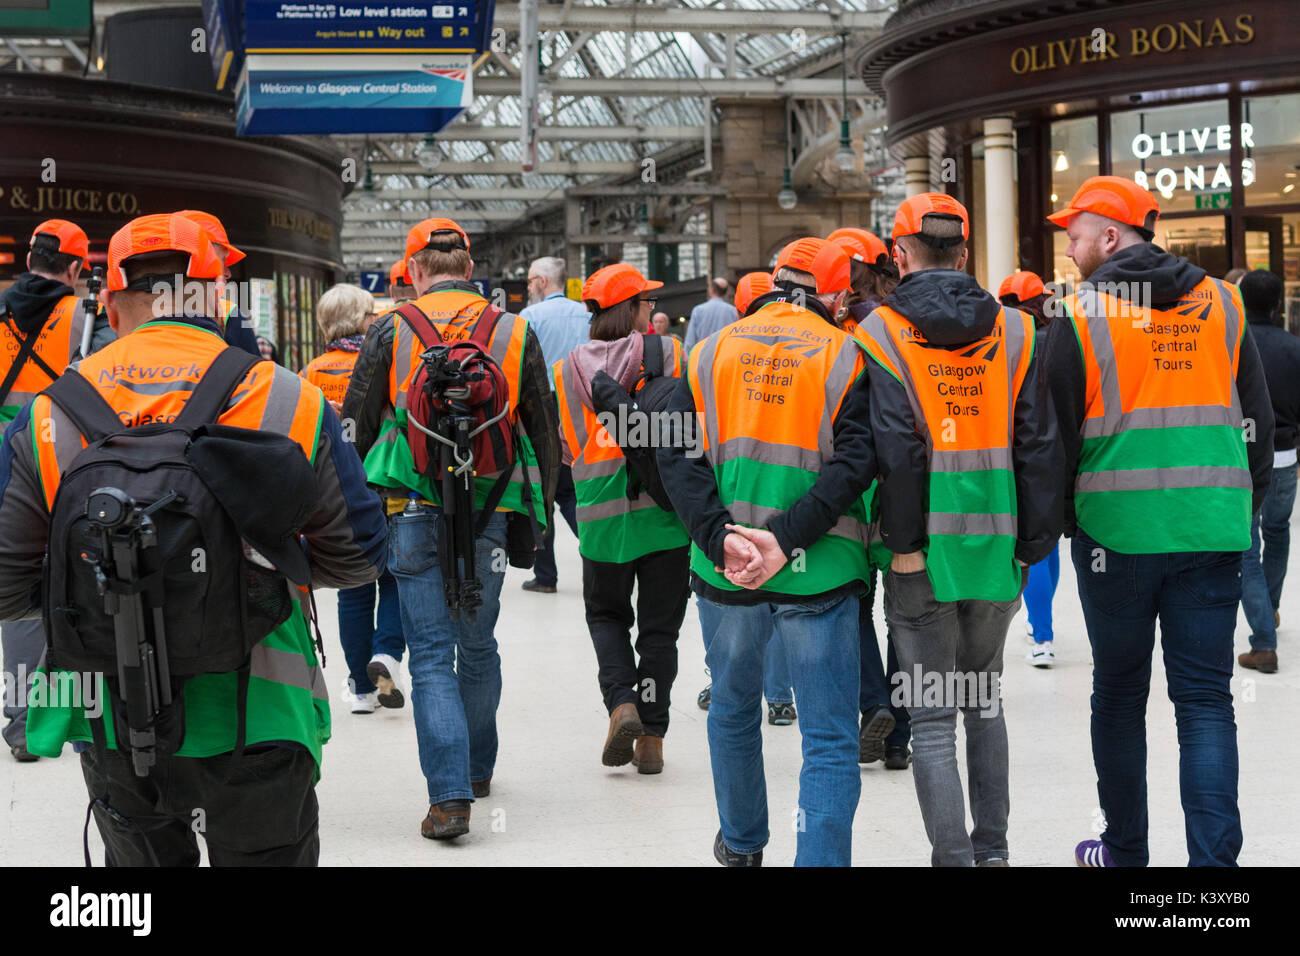 La estación central de Glasgow tour - personas al principio de la visita Imagen De Stock